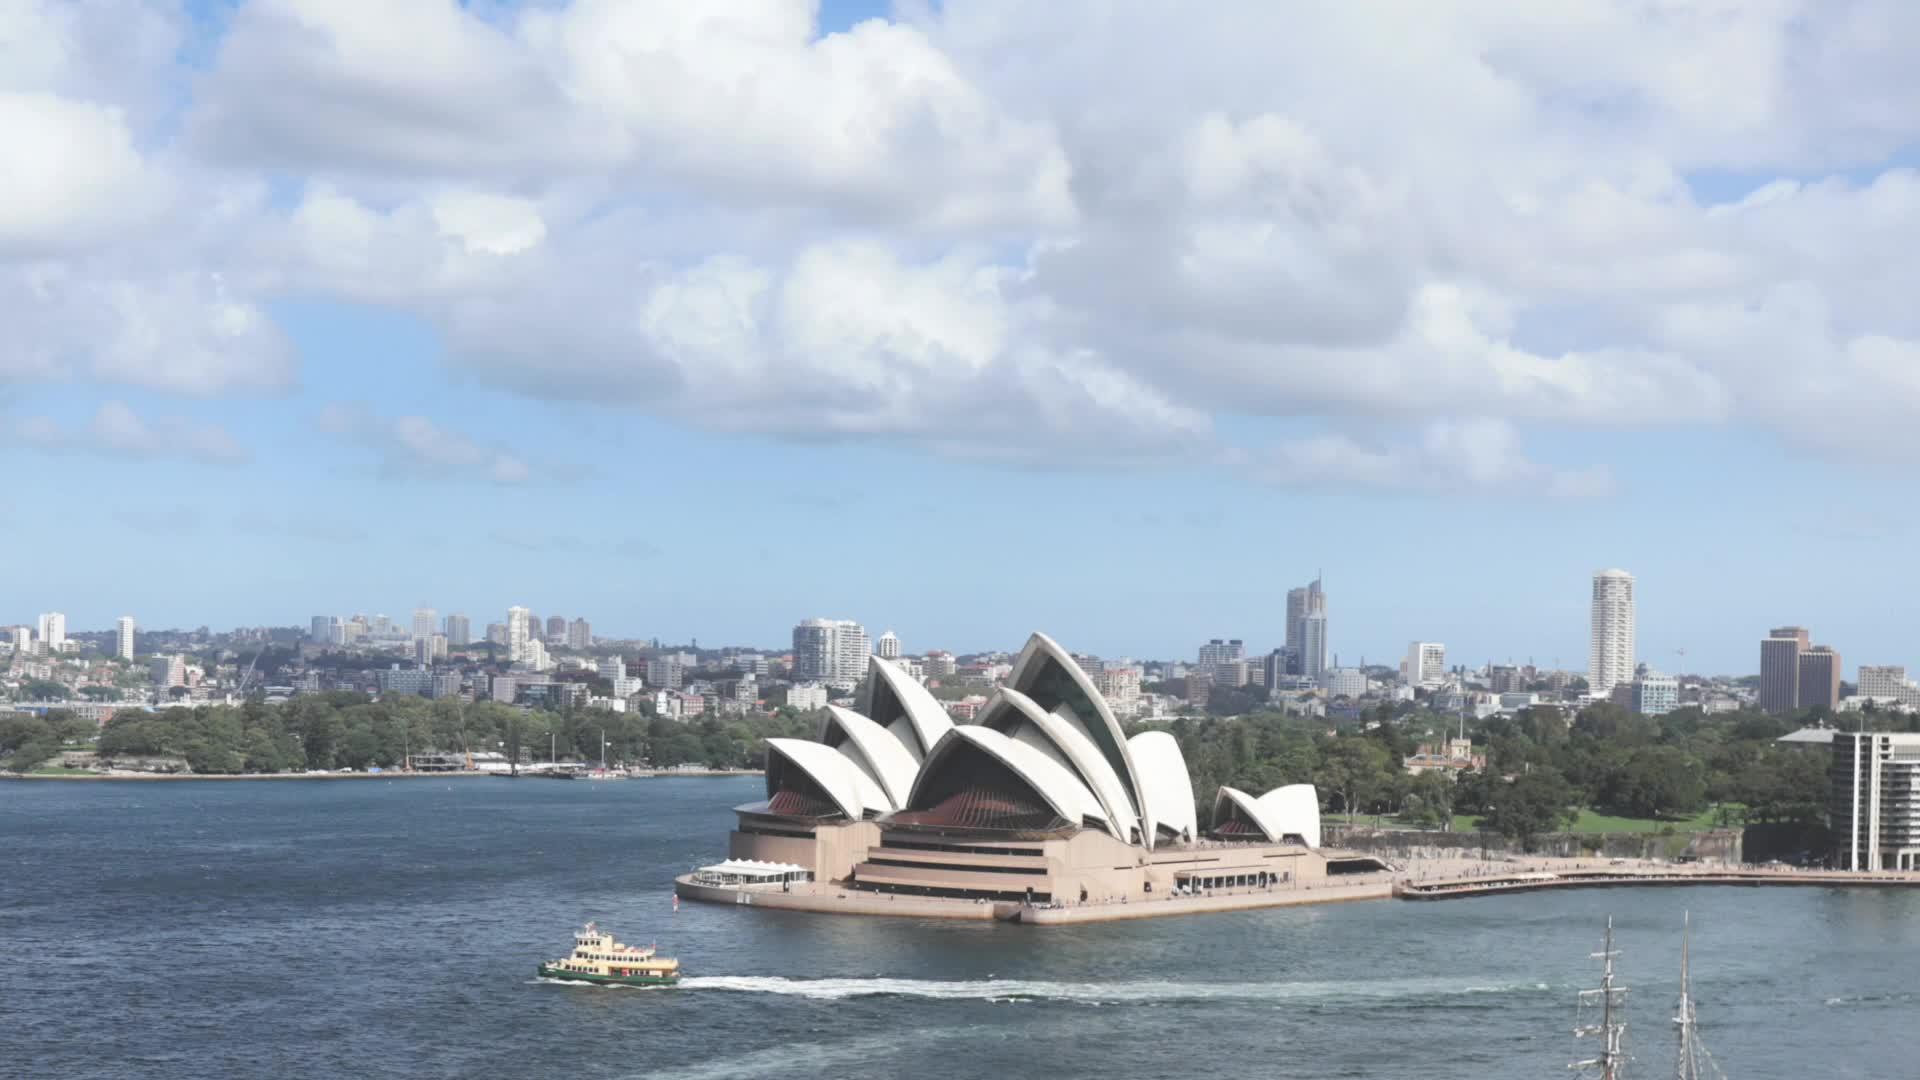 australia, hyperlapse, timelapse, Sydney hyperlapse GIFs